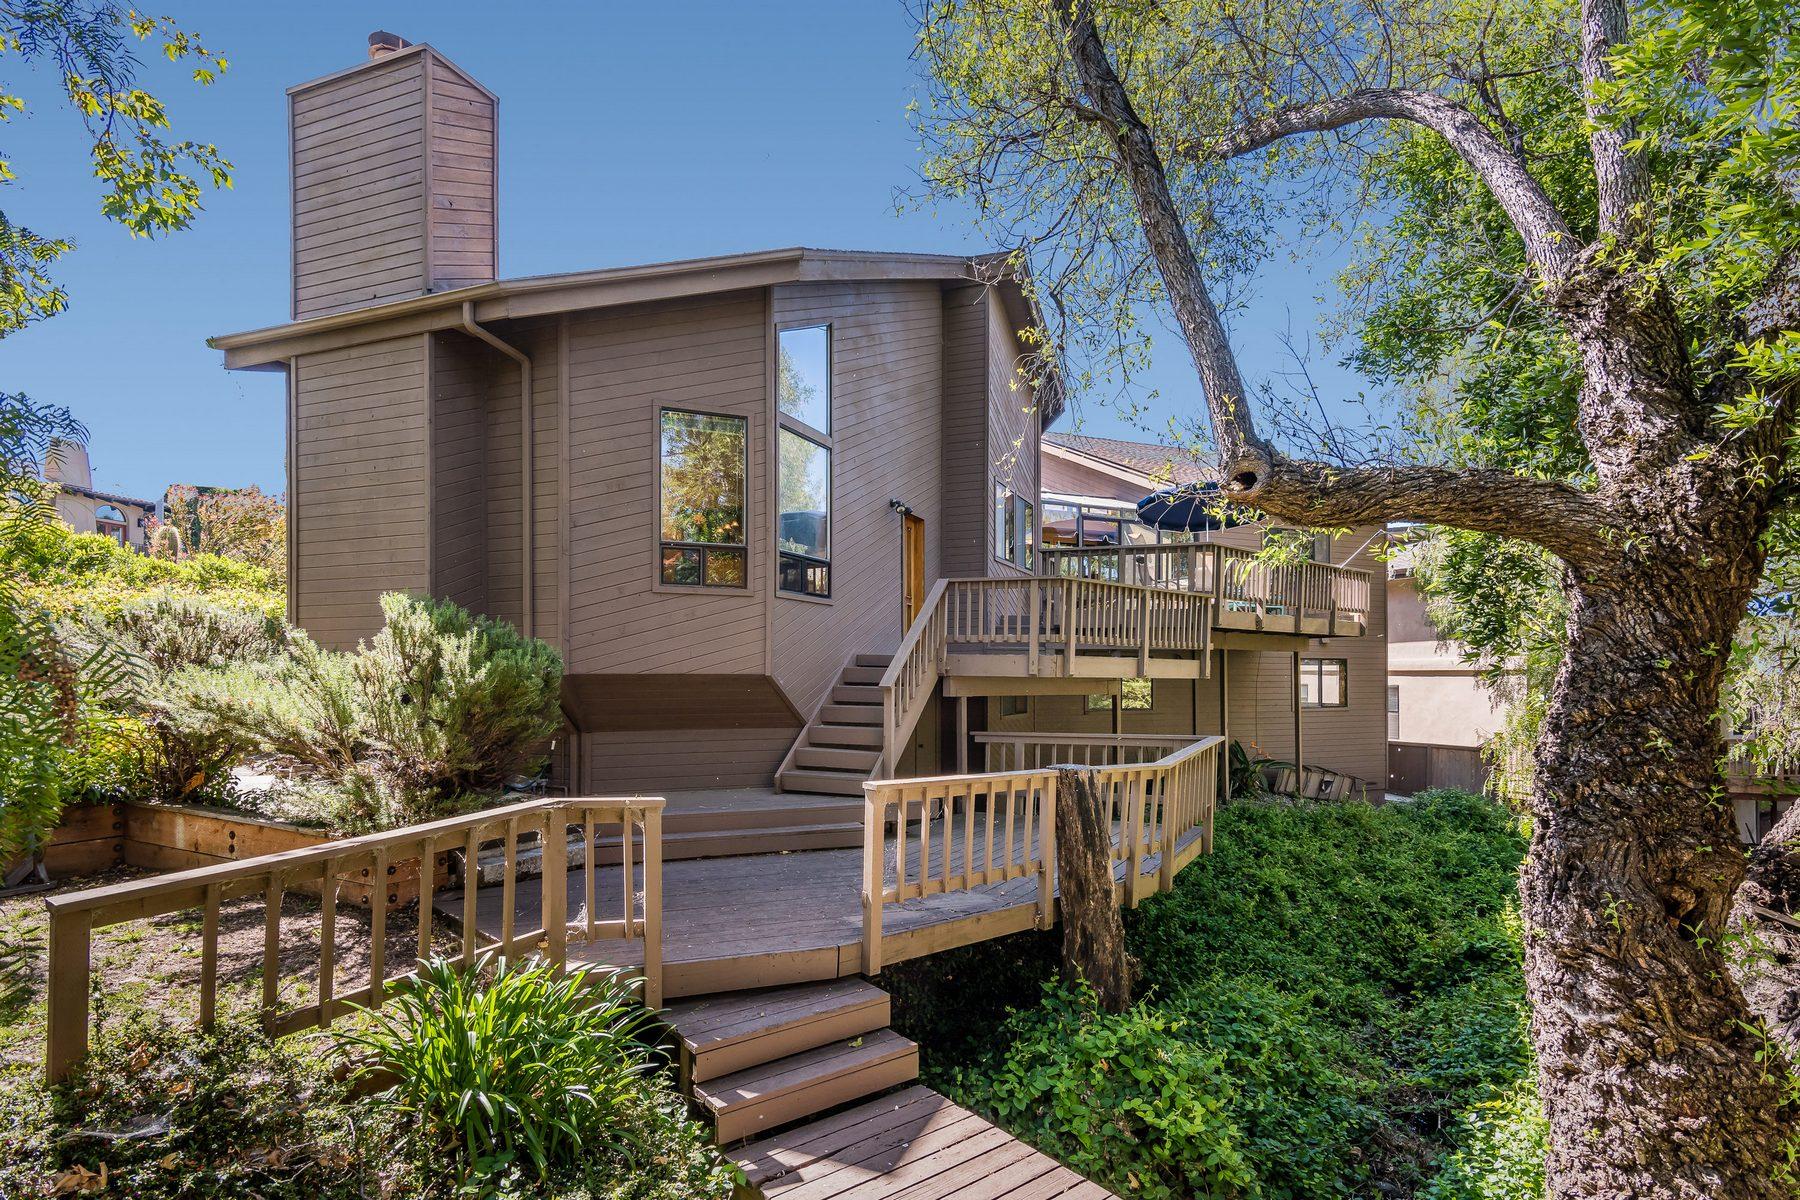 Einfamilienhaus für Verkauf beim Spacious Home On the Creek 3315 Barranca Ct. San Luis Obispo, Kalifornien, 93401 Vereinigte Staaten